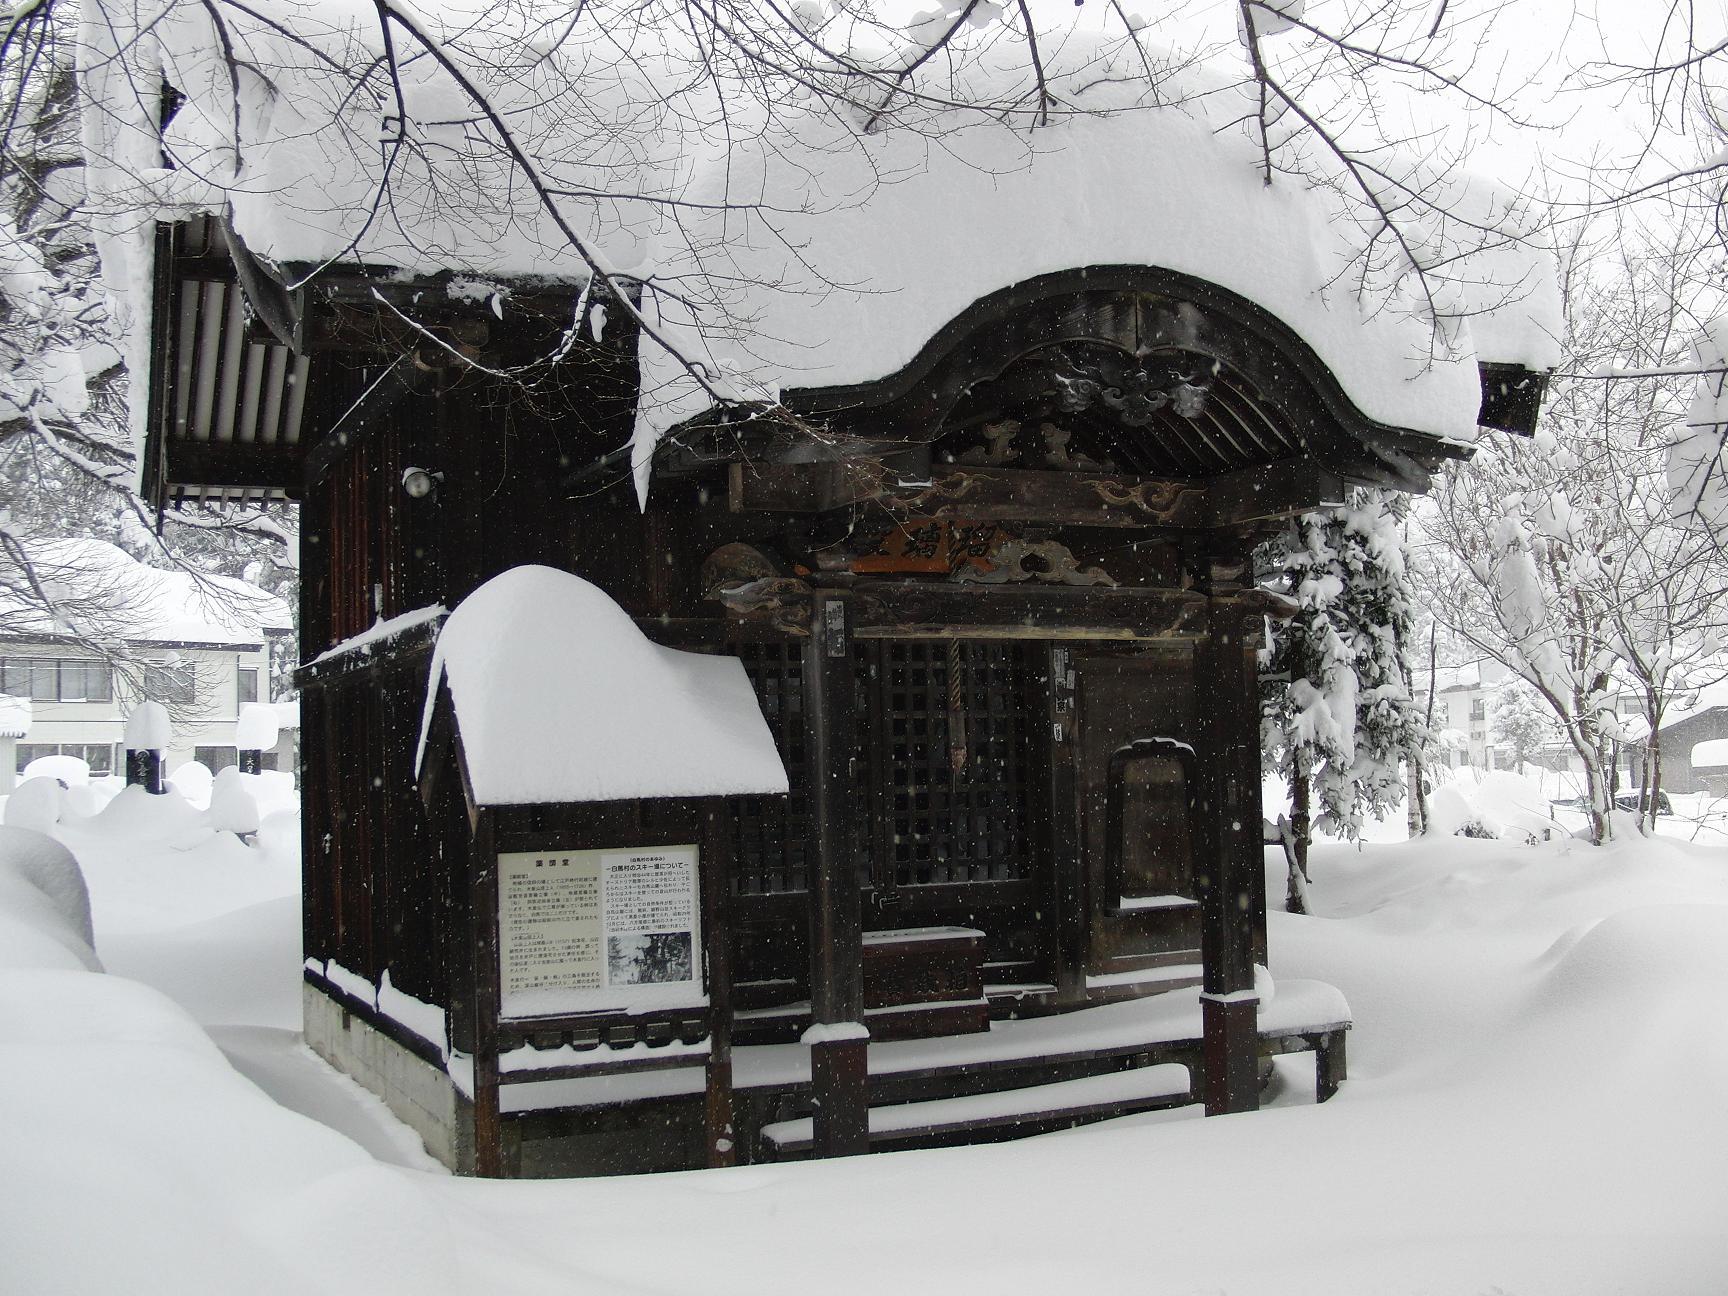 白馬と諏訪旅行2009年12月17日から20日 128